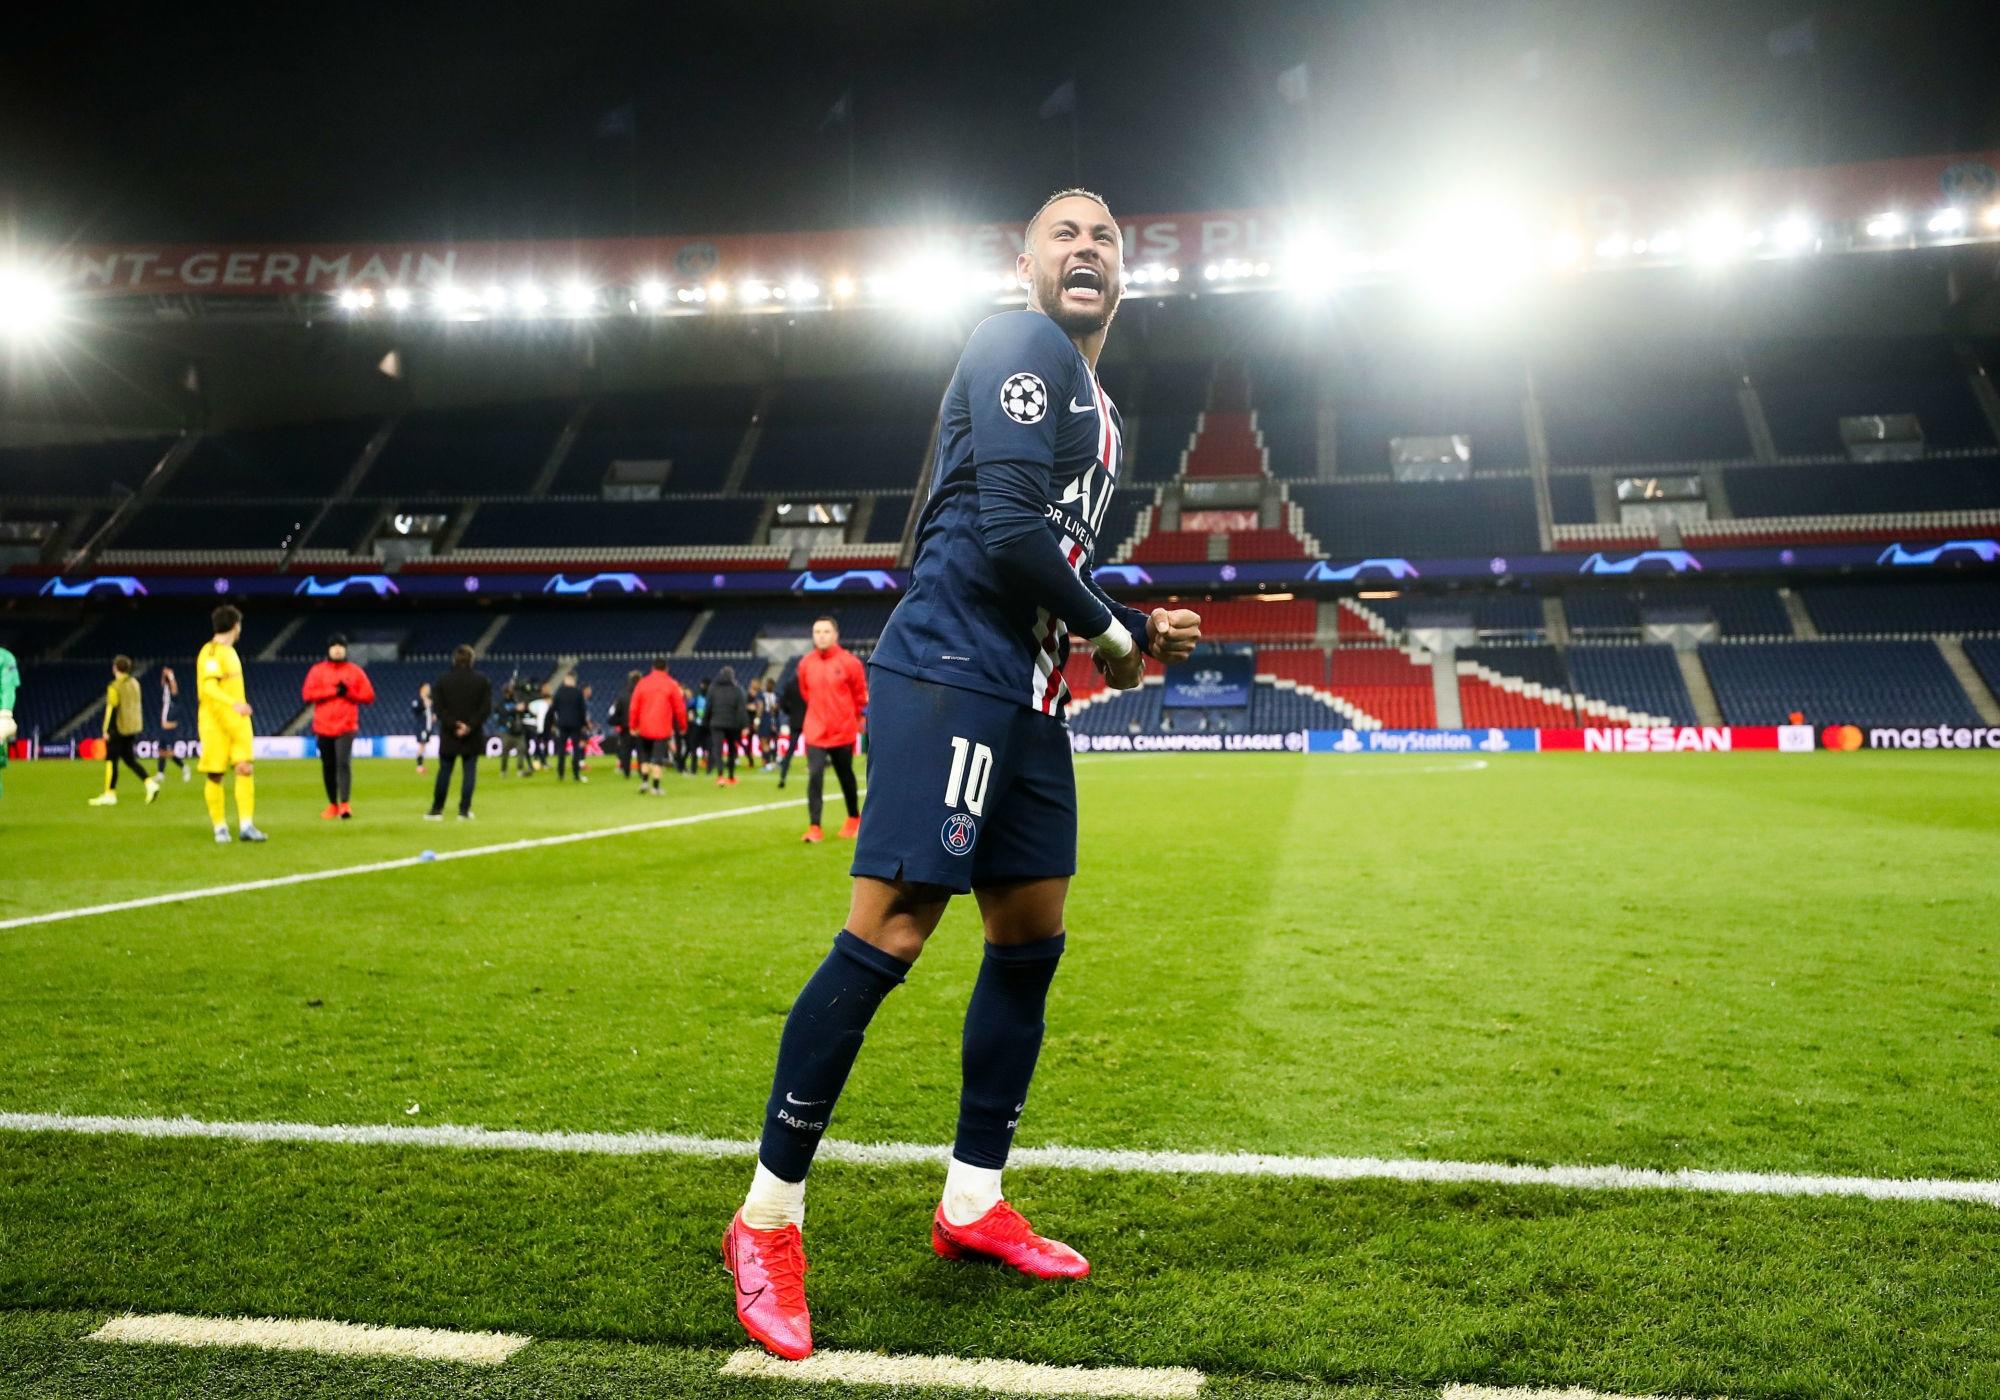 """Mercato - Neymar de retour au Barça """"aujourd'hui, c'est impossible"""", explique Balagué"""